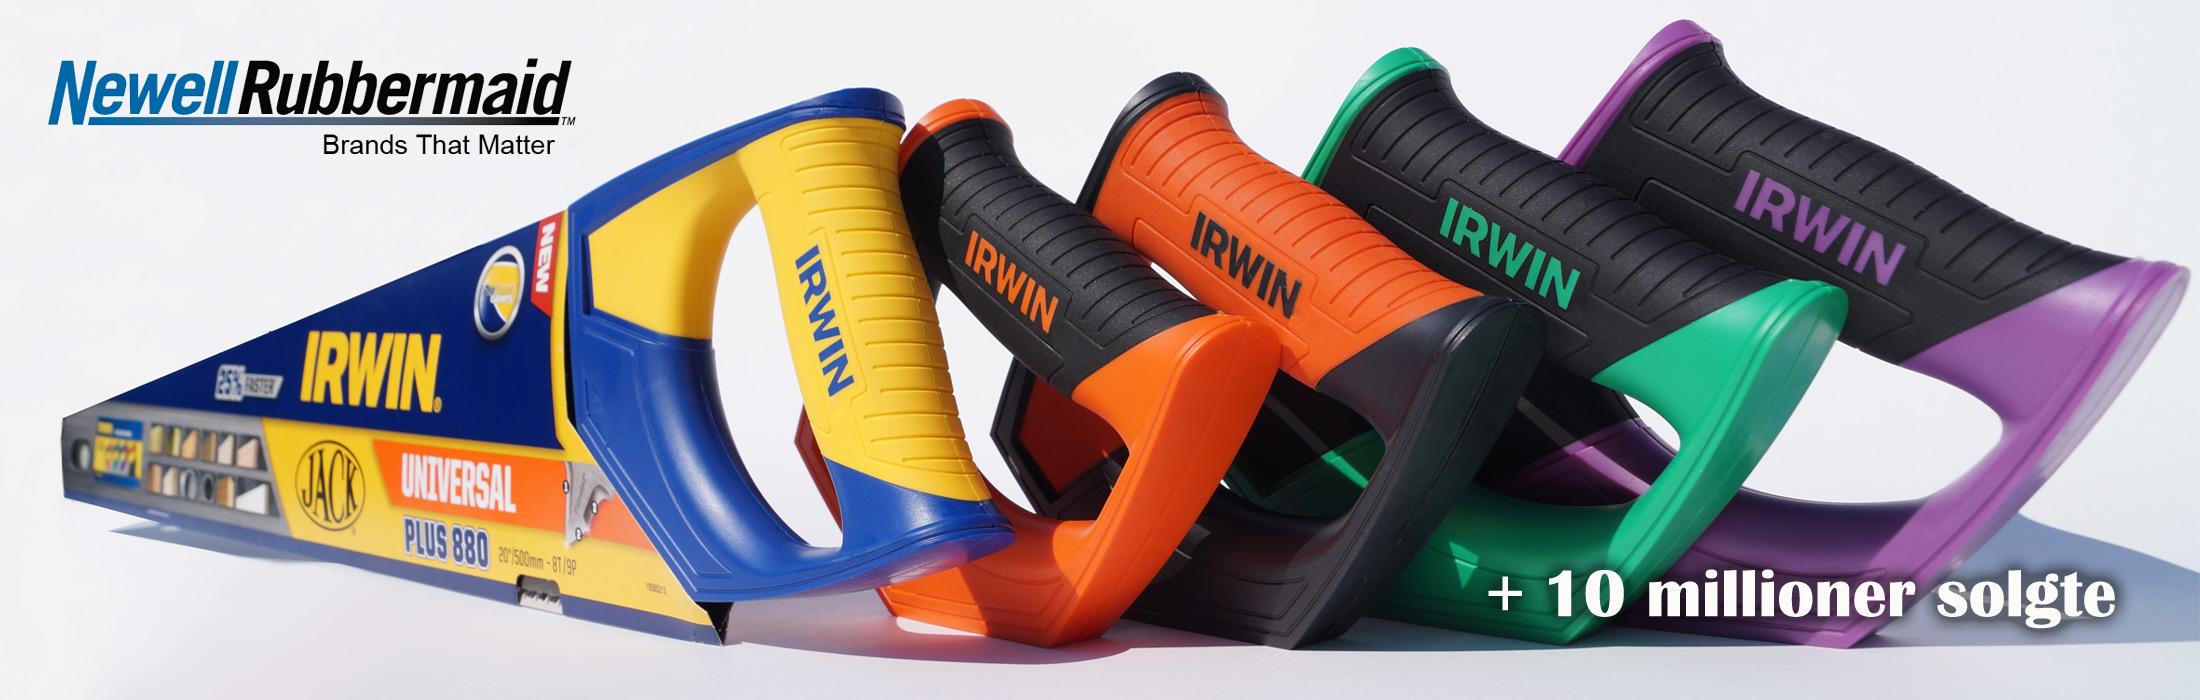 Industrielt design og konstruktion af Irwin håndsav af Kent Laursen